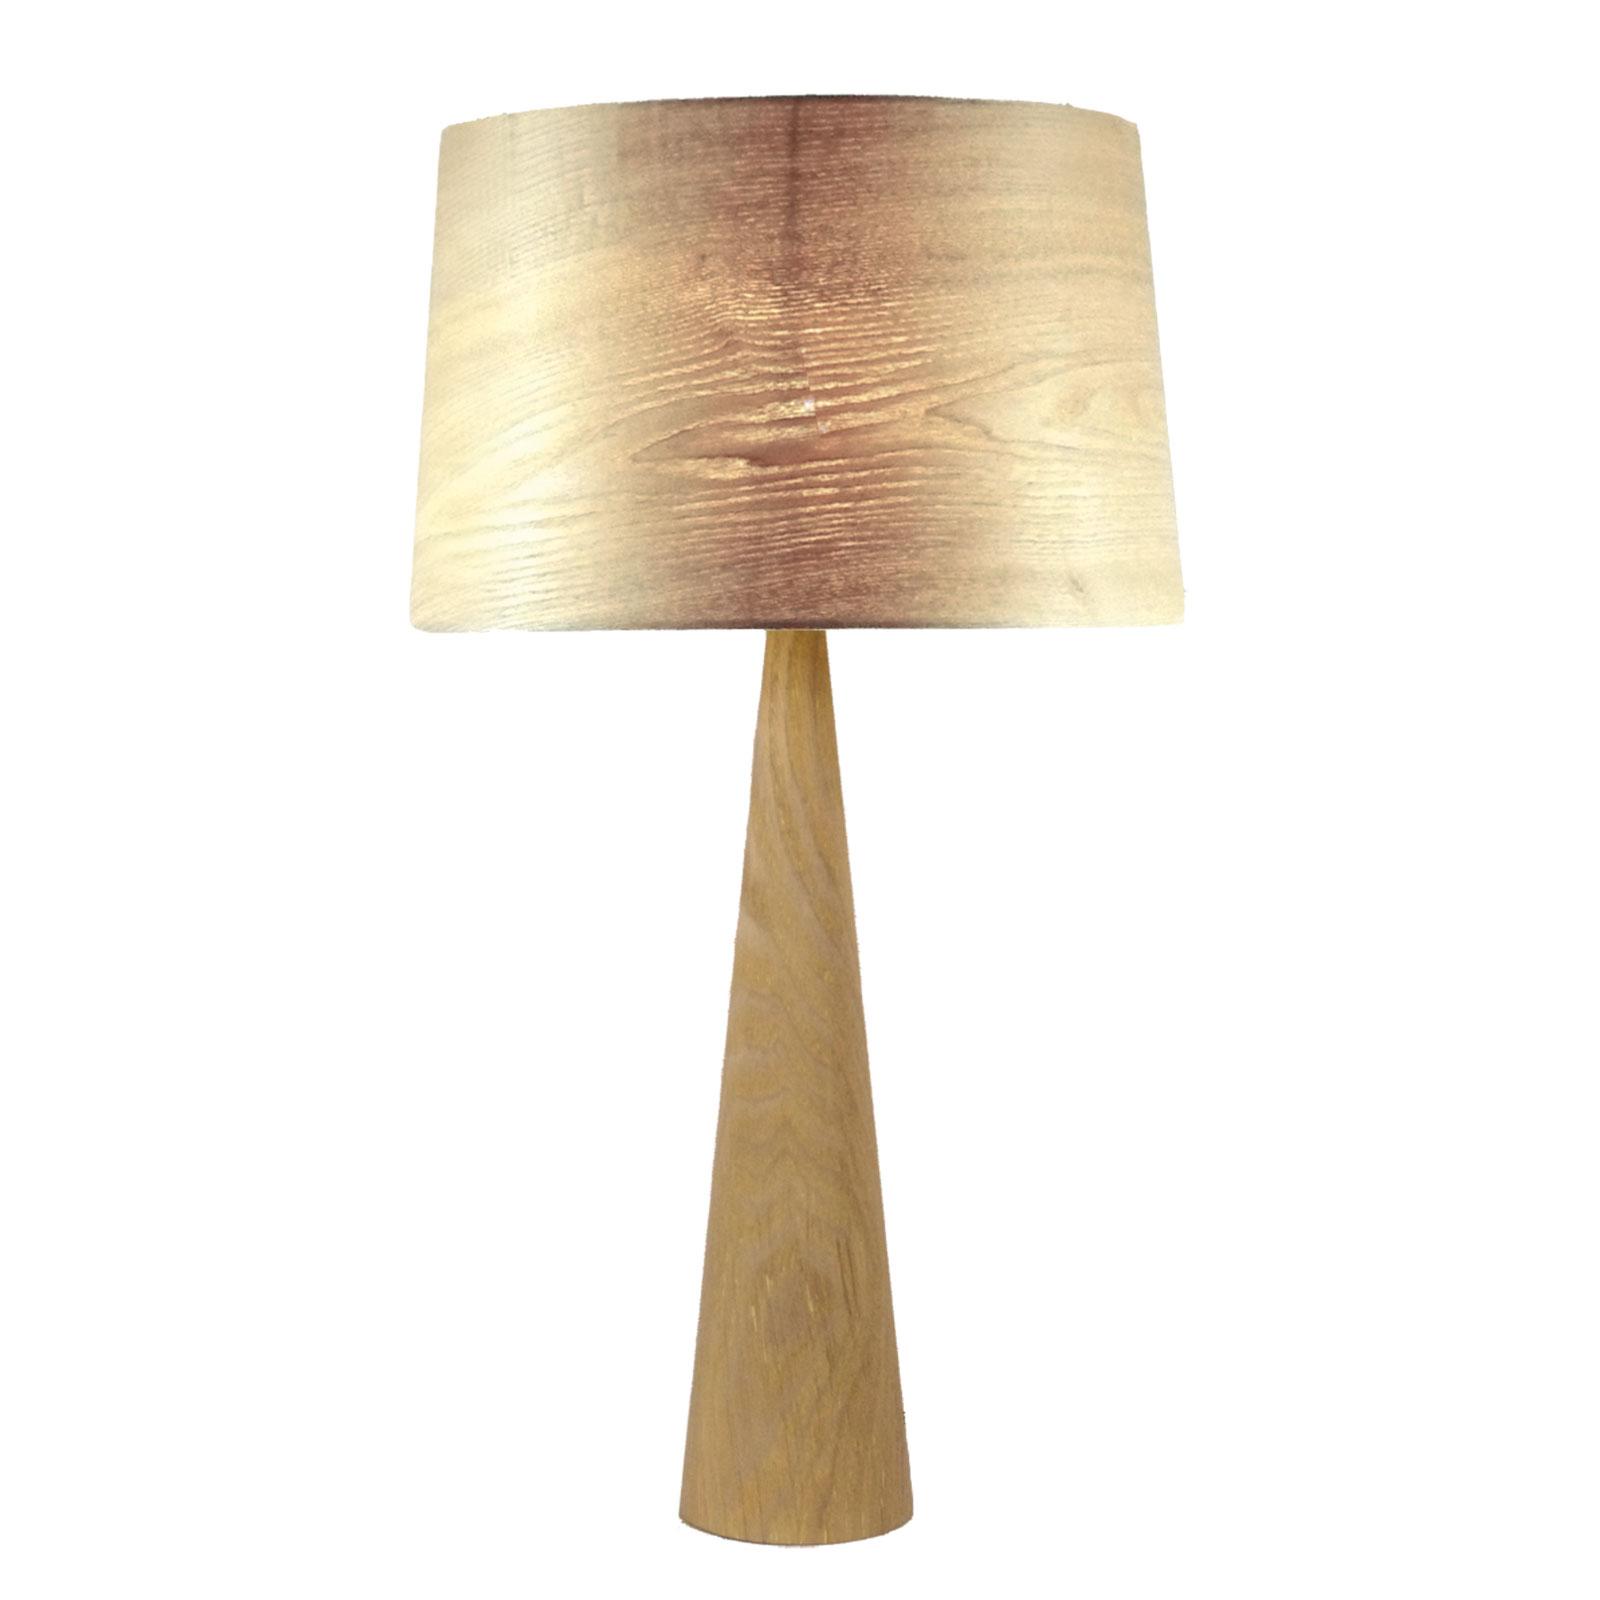 Lampe à poser Totem LT en aspect bois naturel